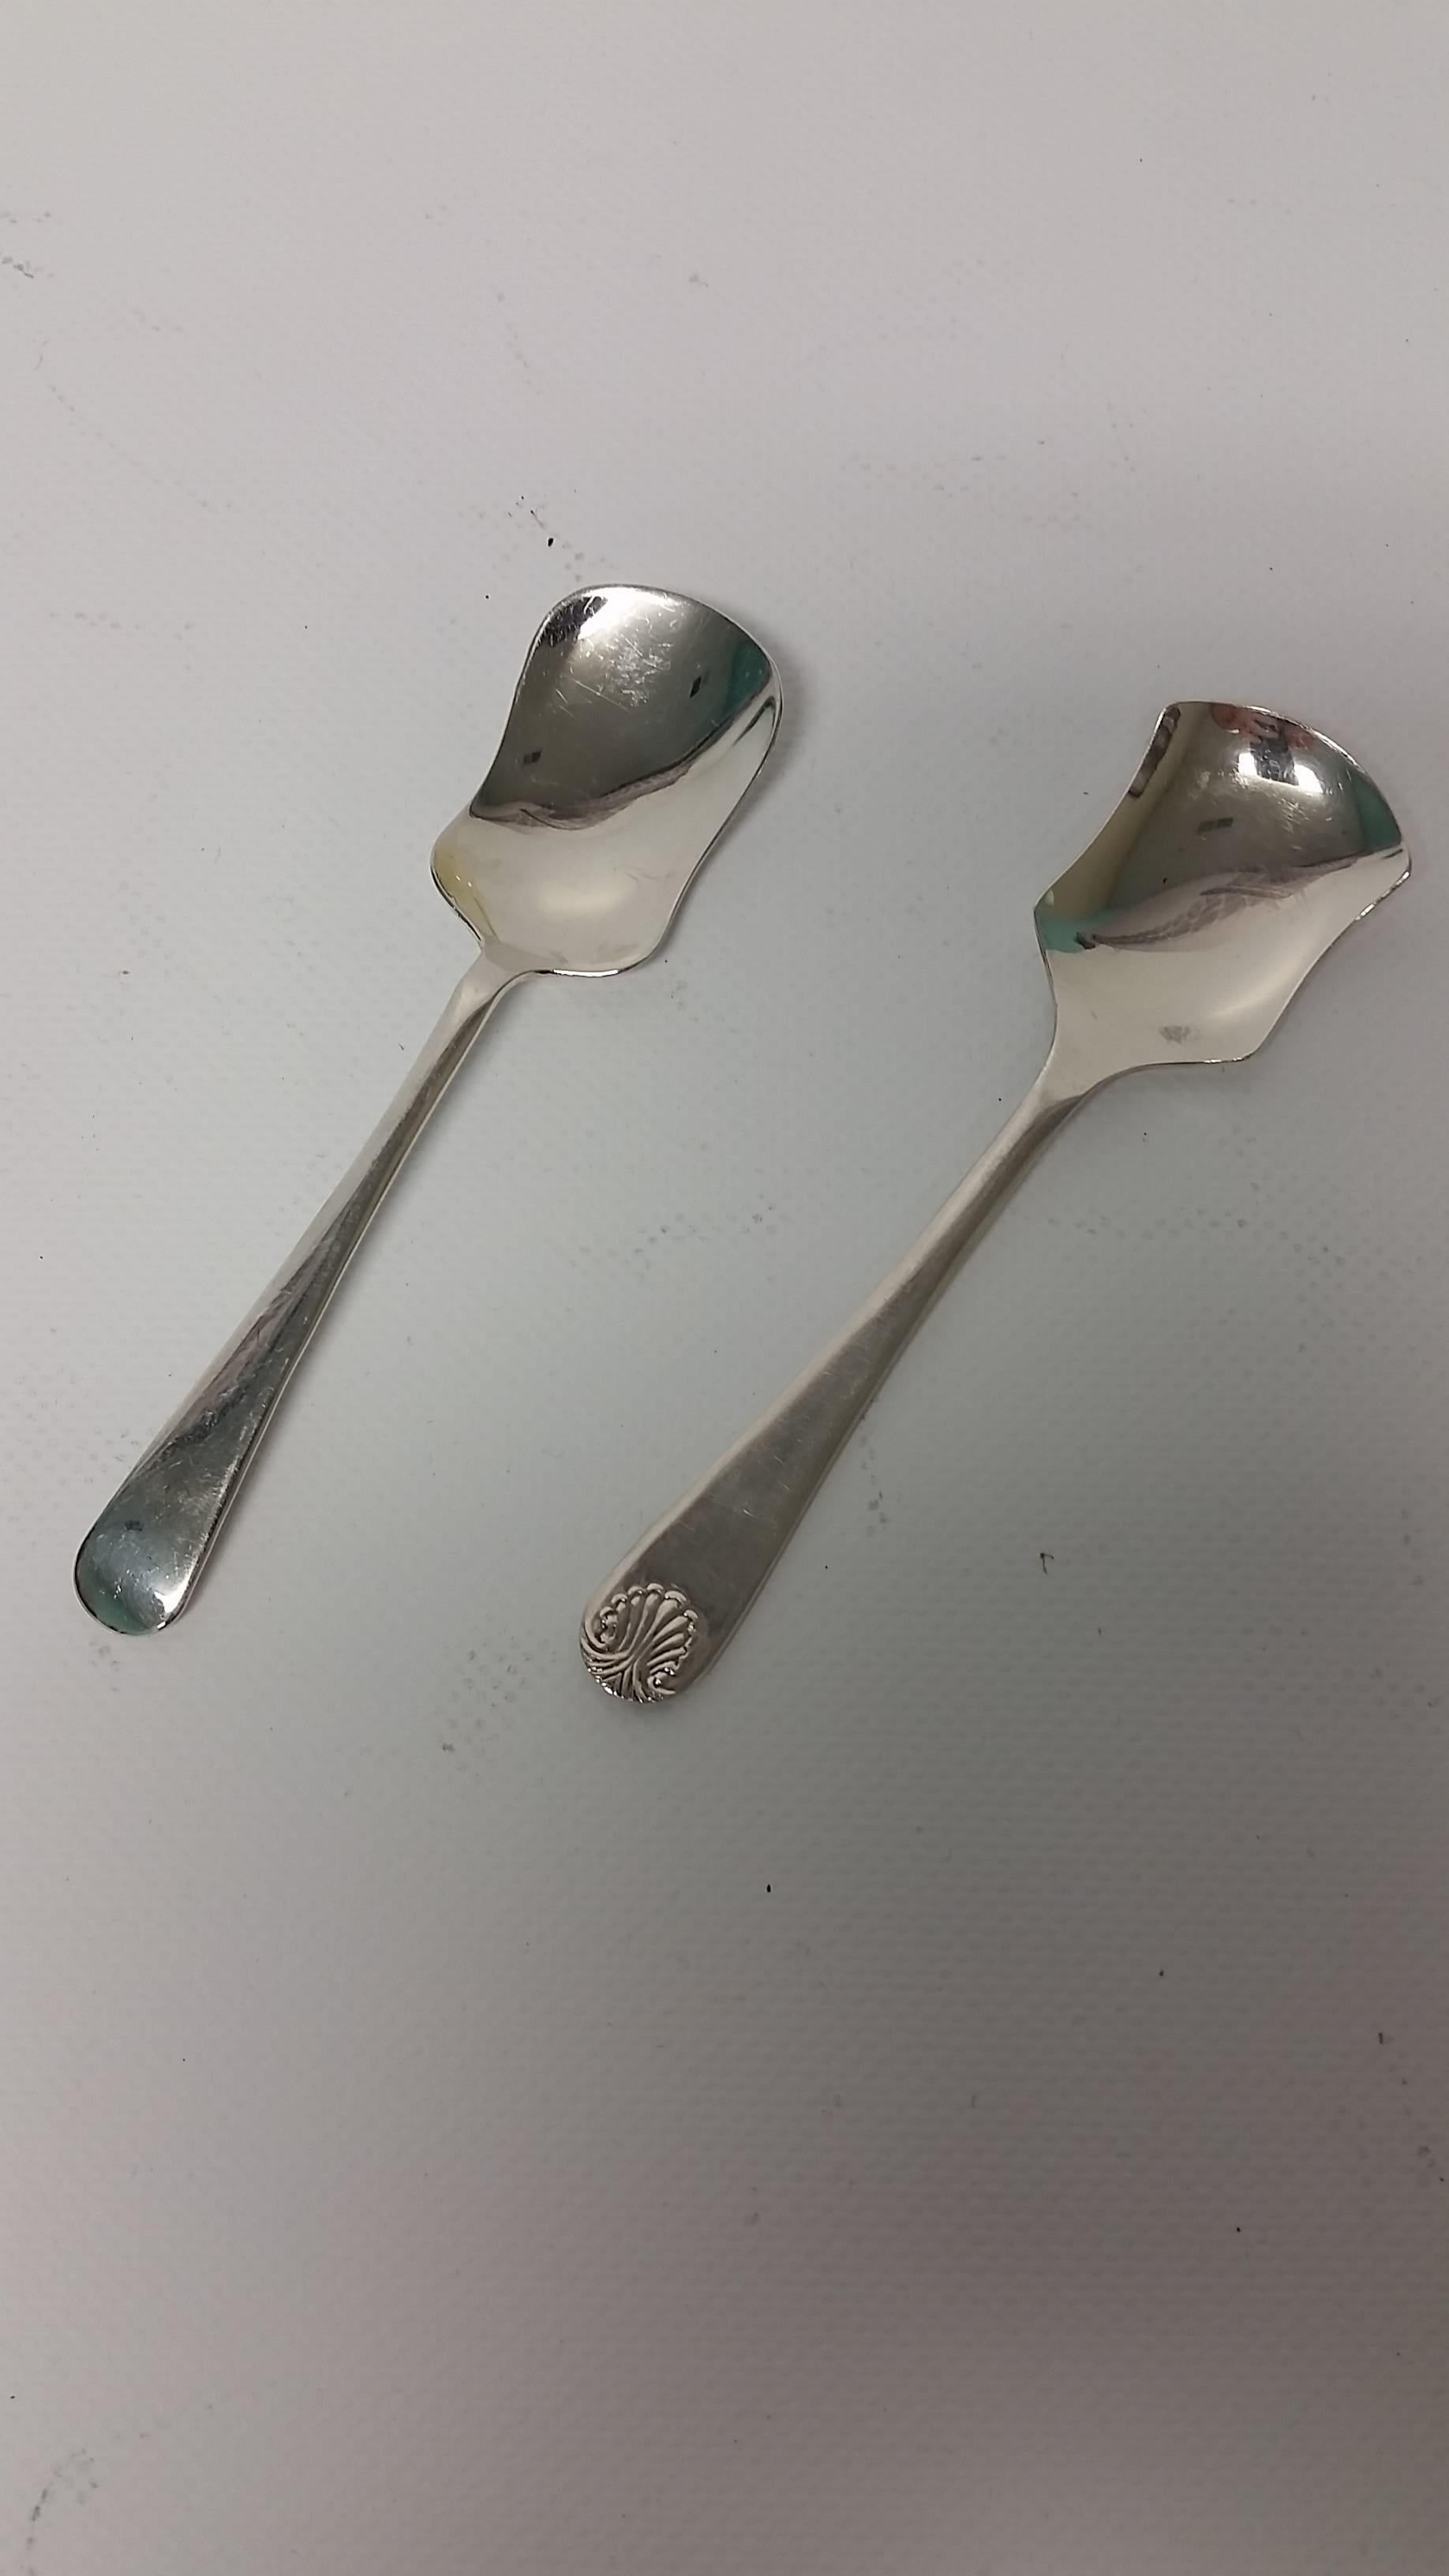 Spoon - Silver Sugar